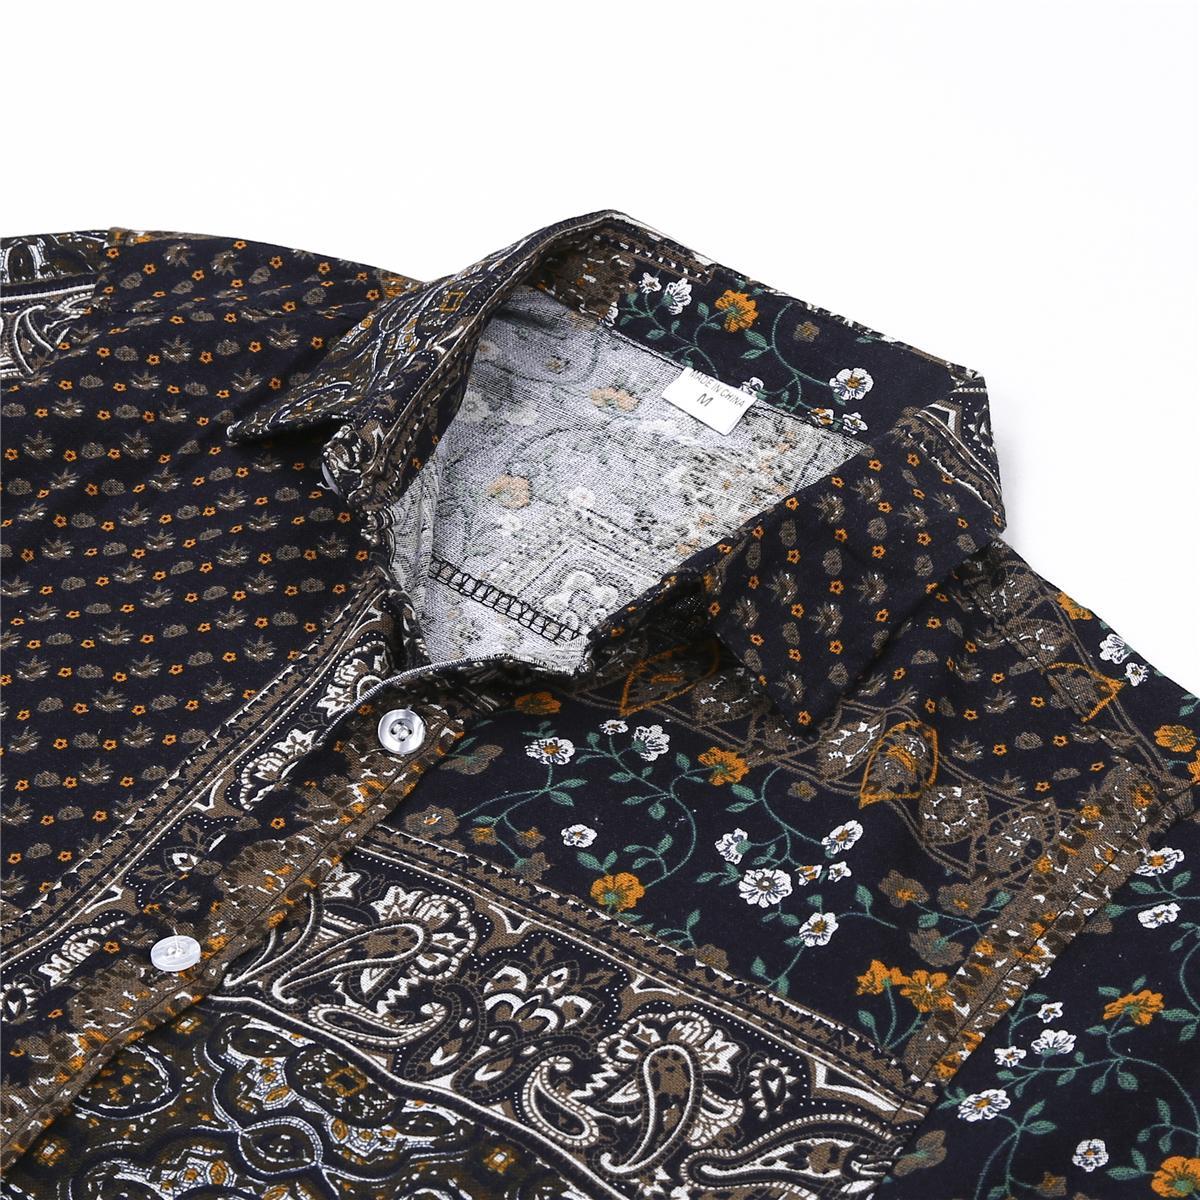 Moda Mens Linho Praia Havaí Camisetas Tropical Summer manga curta Vestuário Botão solto Casual para baixo camiseta Plus Size M-5XL